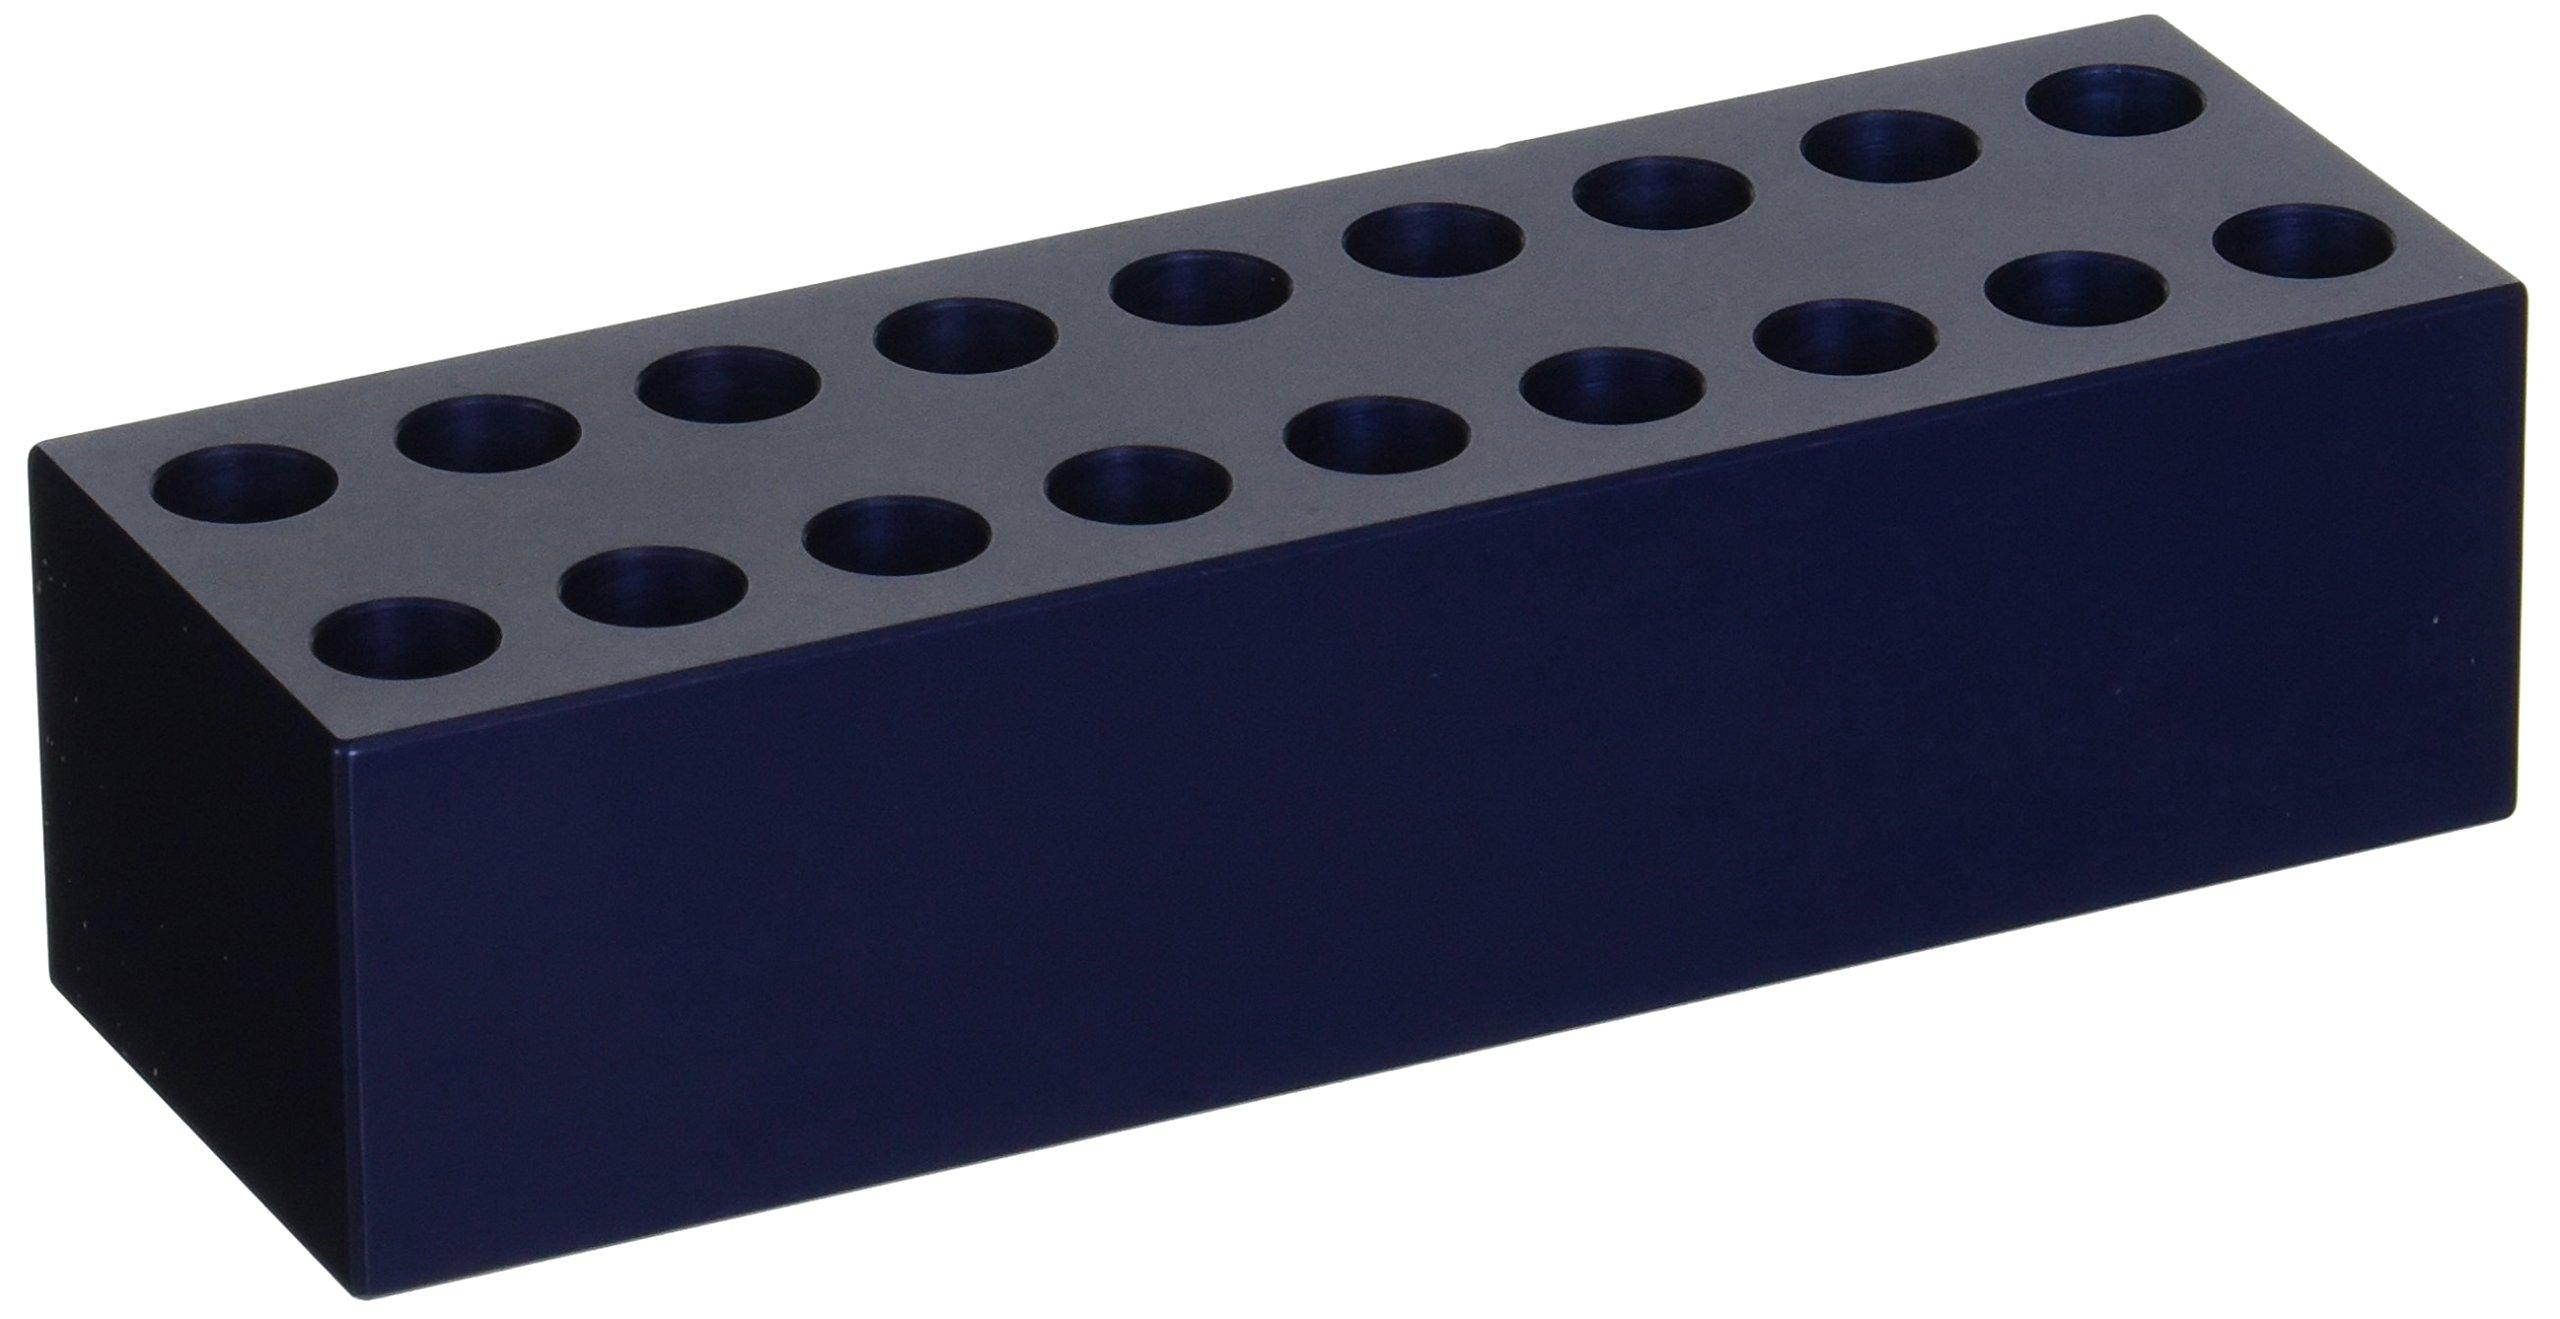 Labconco 4026402 Aluminum Tube Rack, Holds 1.5ml x 18 Microcentrifuge Tubes, 10.5mm Tube Diameter, 2'' W x 6'' D x 1.5'' H